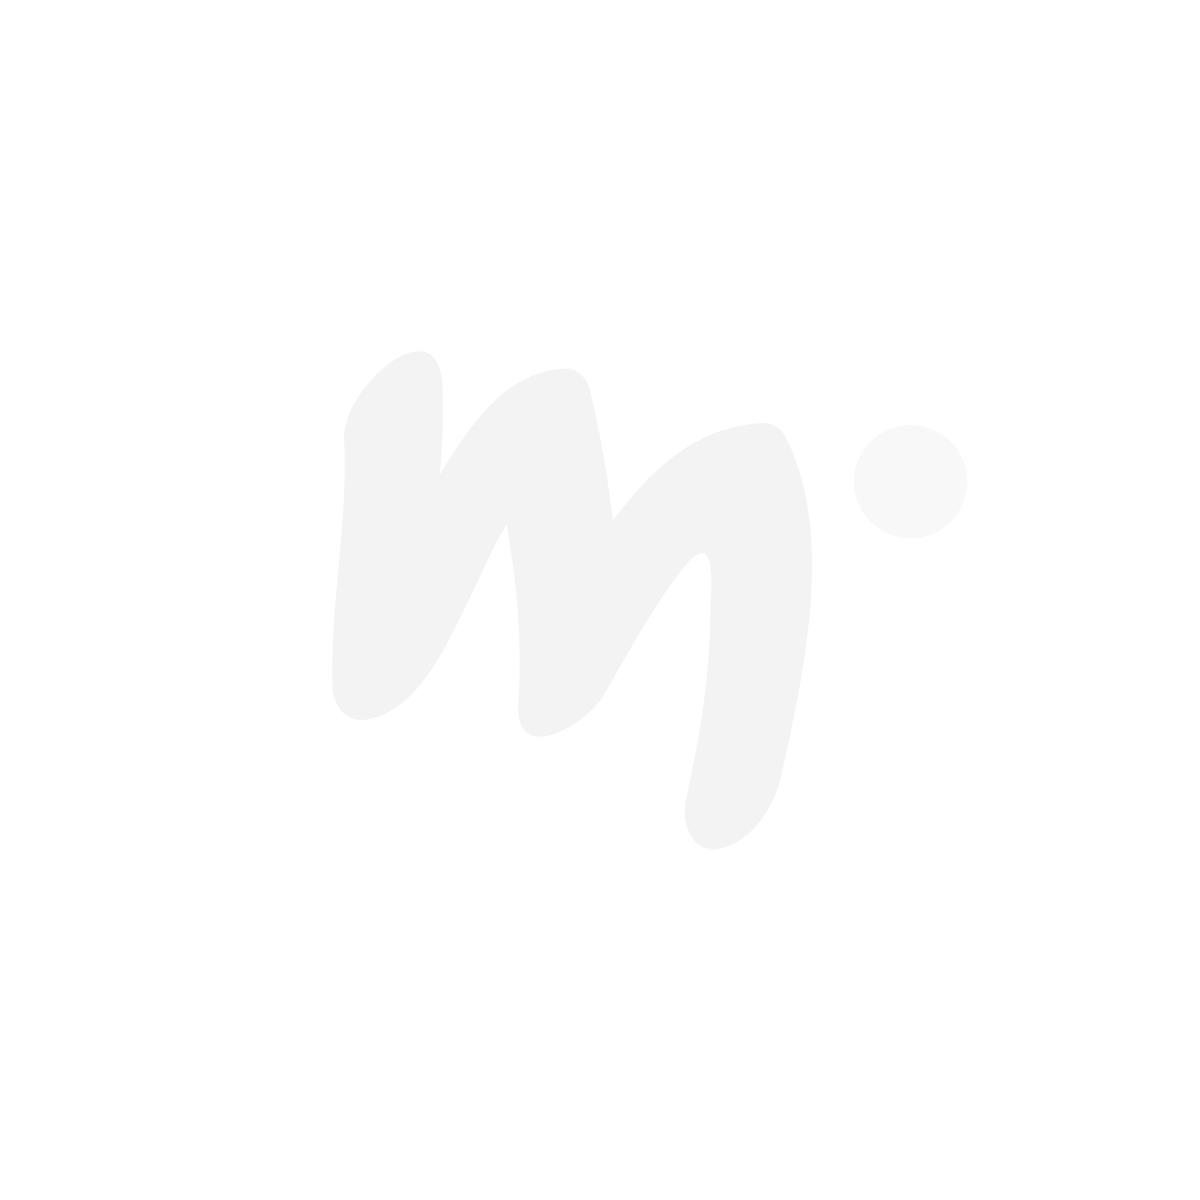 Peppi Pitkätossu Pilkukas-pipo vihreä